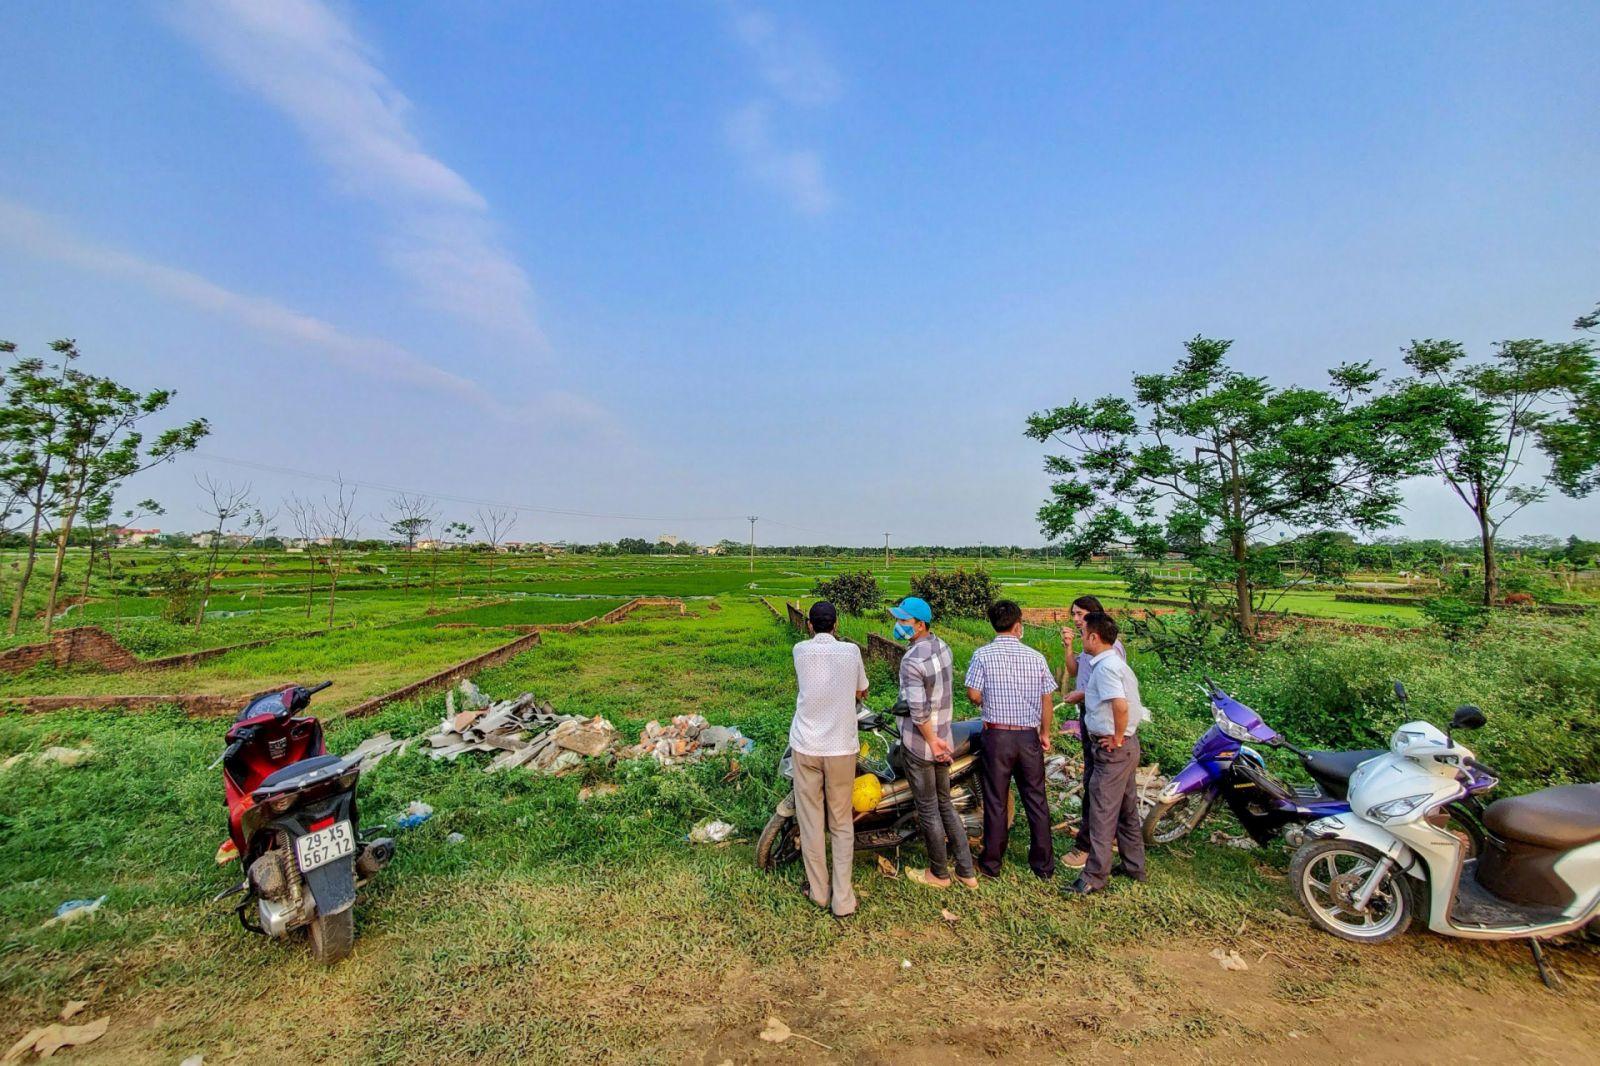 Đu theo thông tin quy hoạch chưa chính thống, nhiều người thậm chí đã mua bán cả đất nông nghiệp